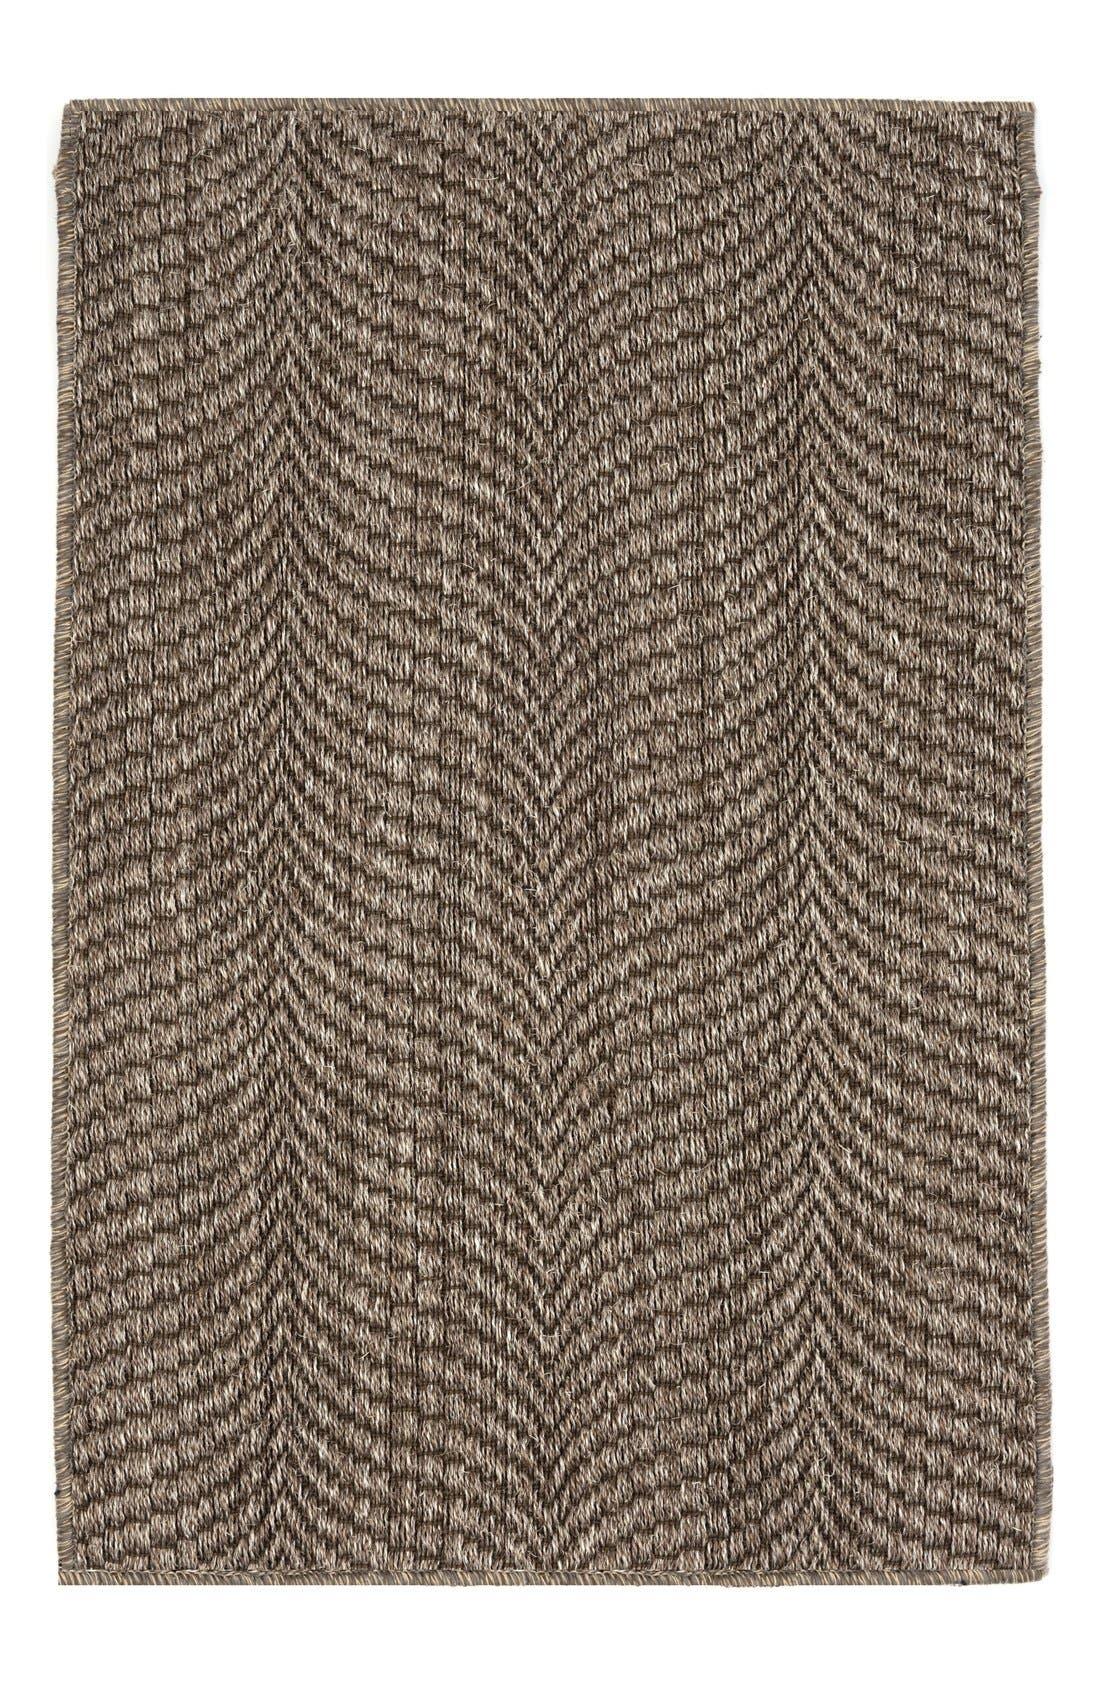 'Wave' Rug,                         Main,                         color, Greige